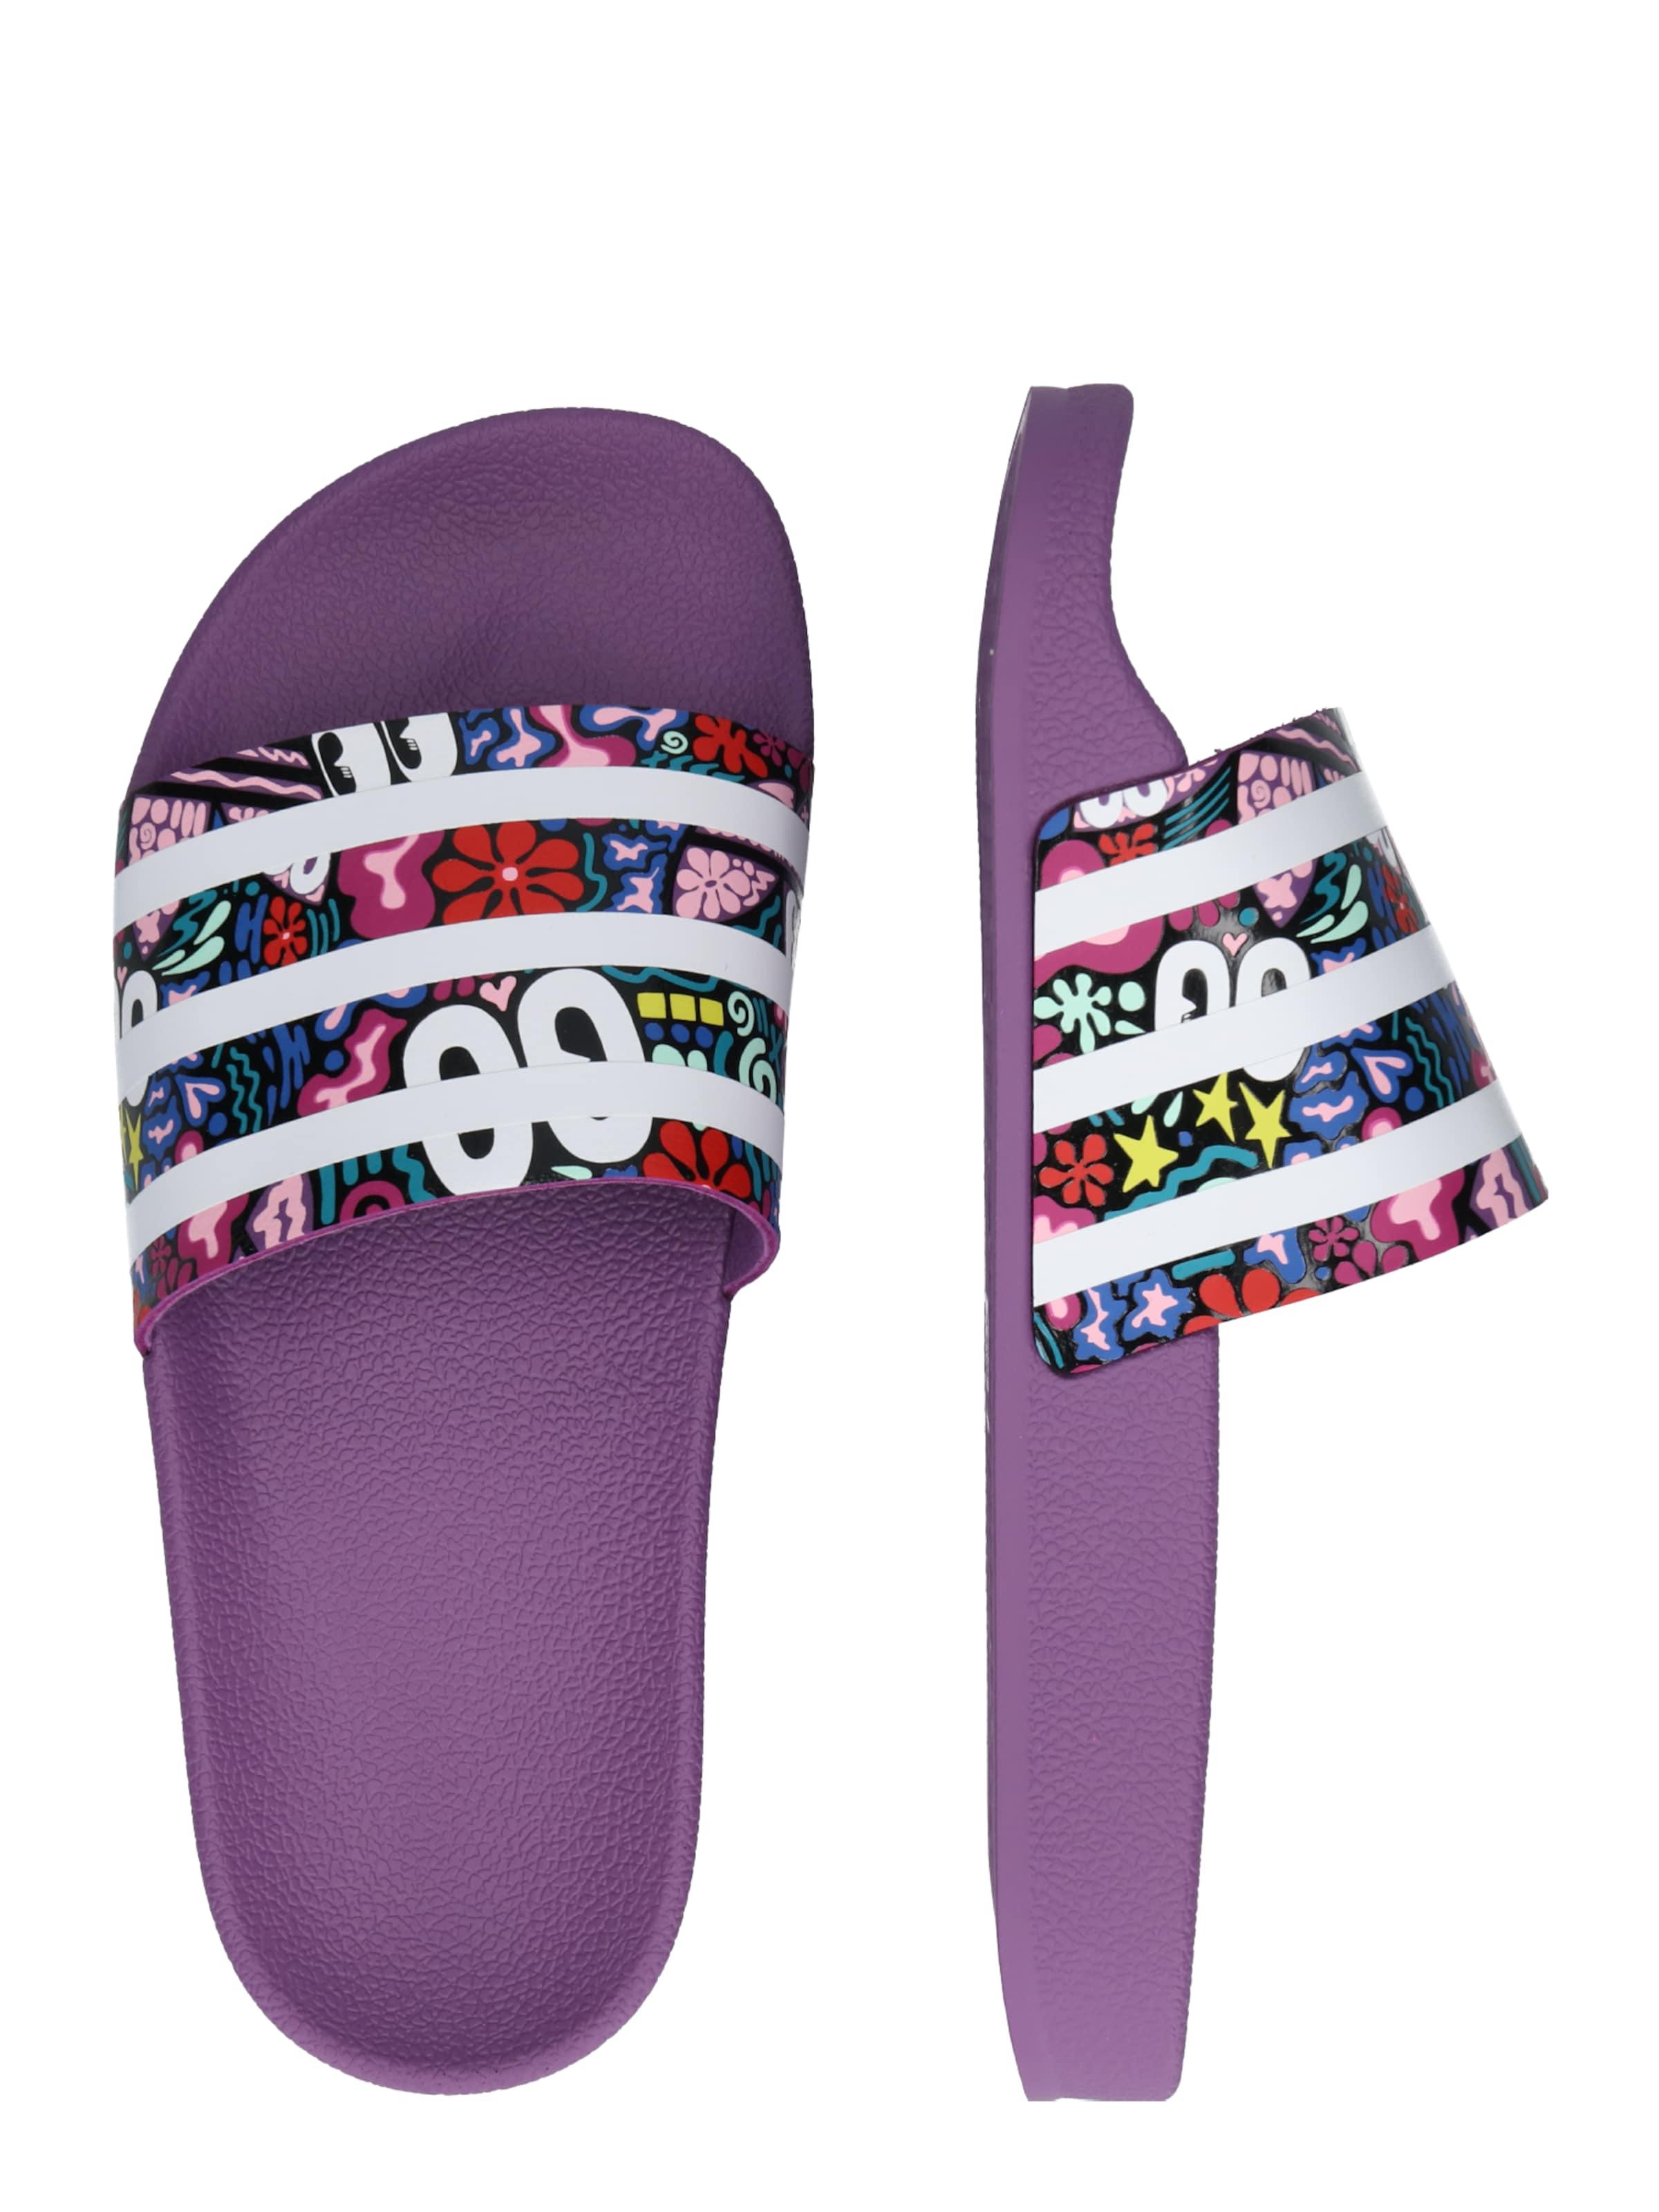 En Mule Couleurs Adidas Originals De 'adilette' AubergineMélange f76vIYbgy